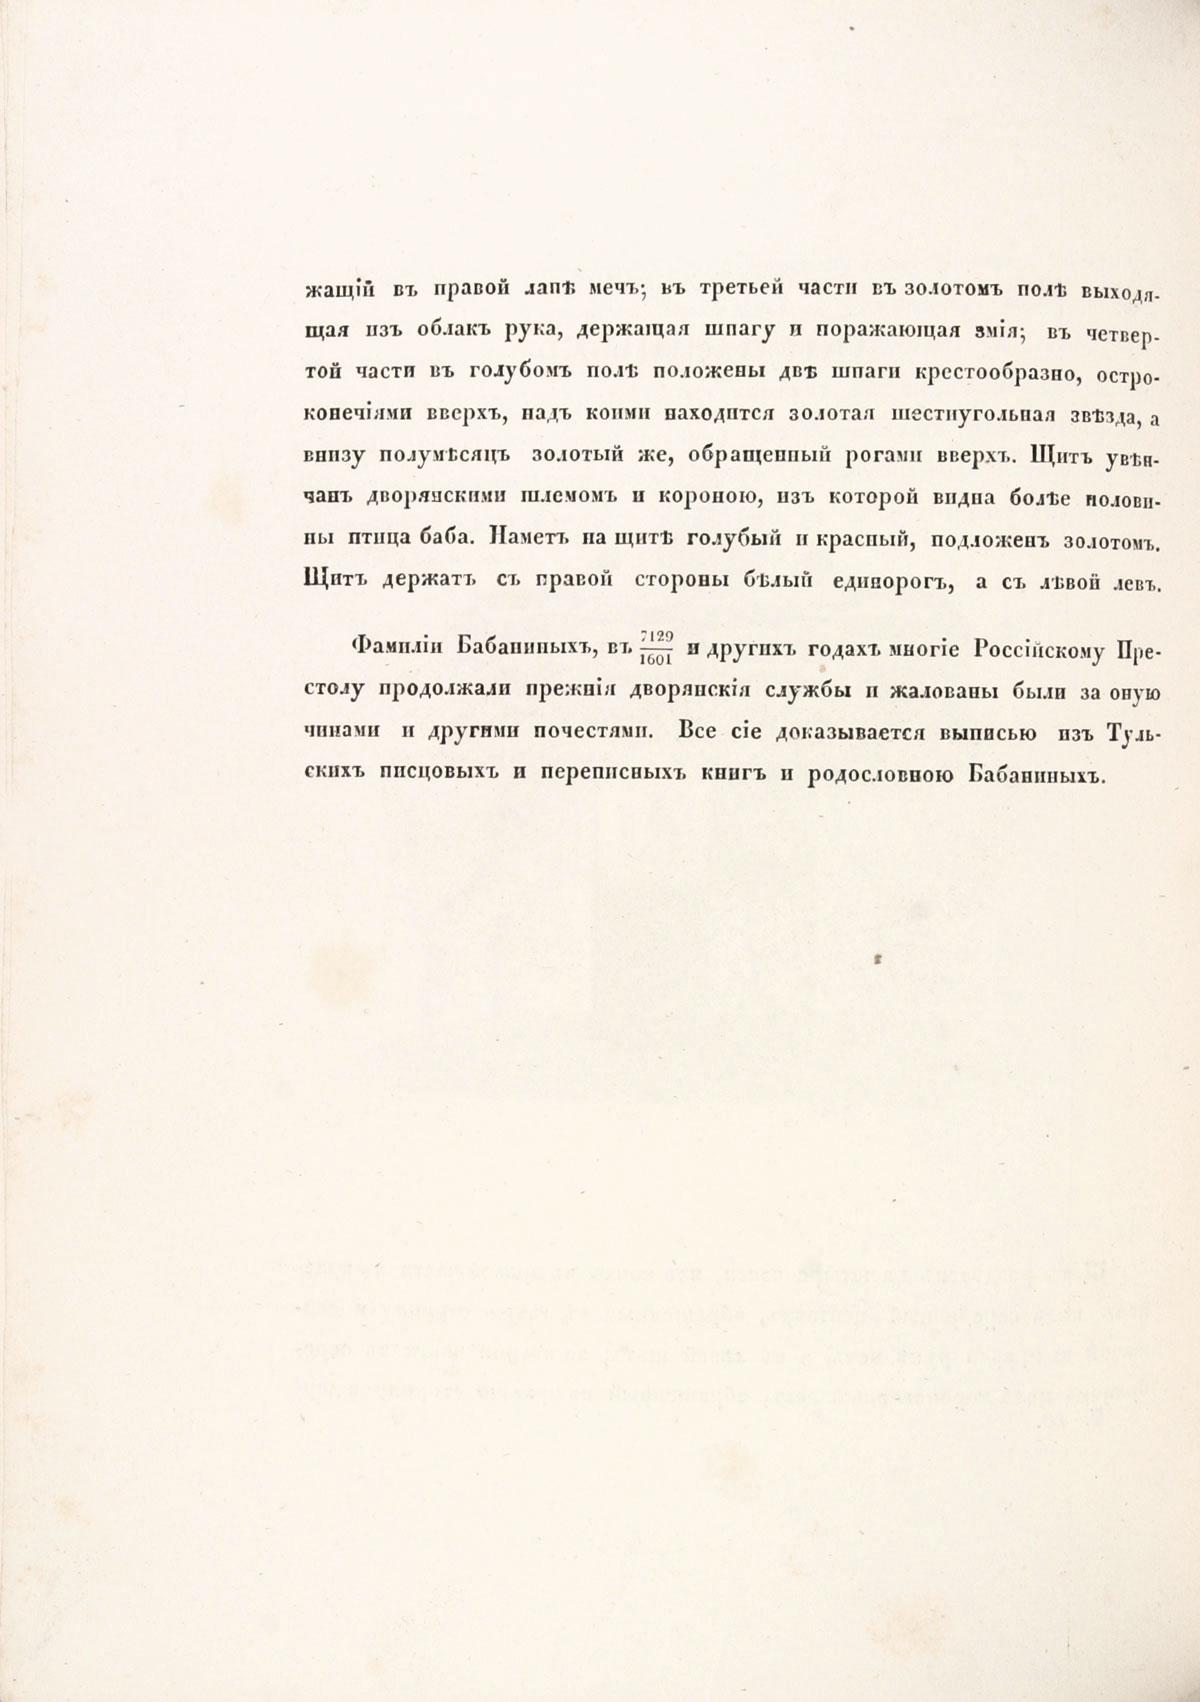 Герб рода Бабаниных, стр. 2